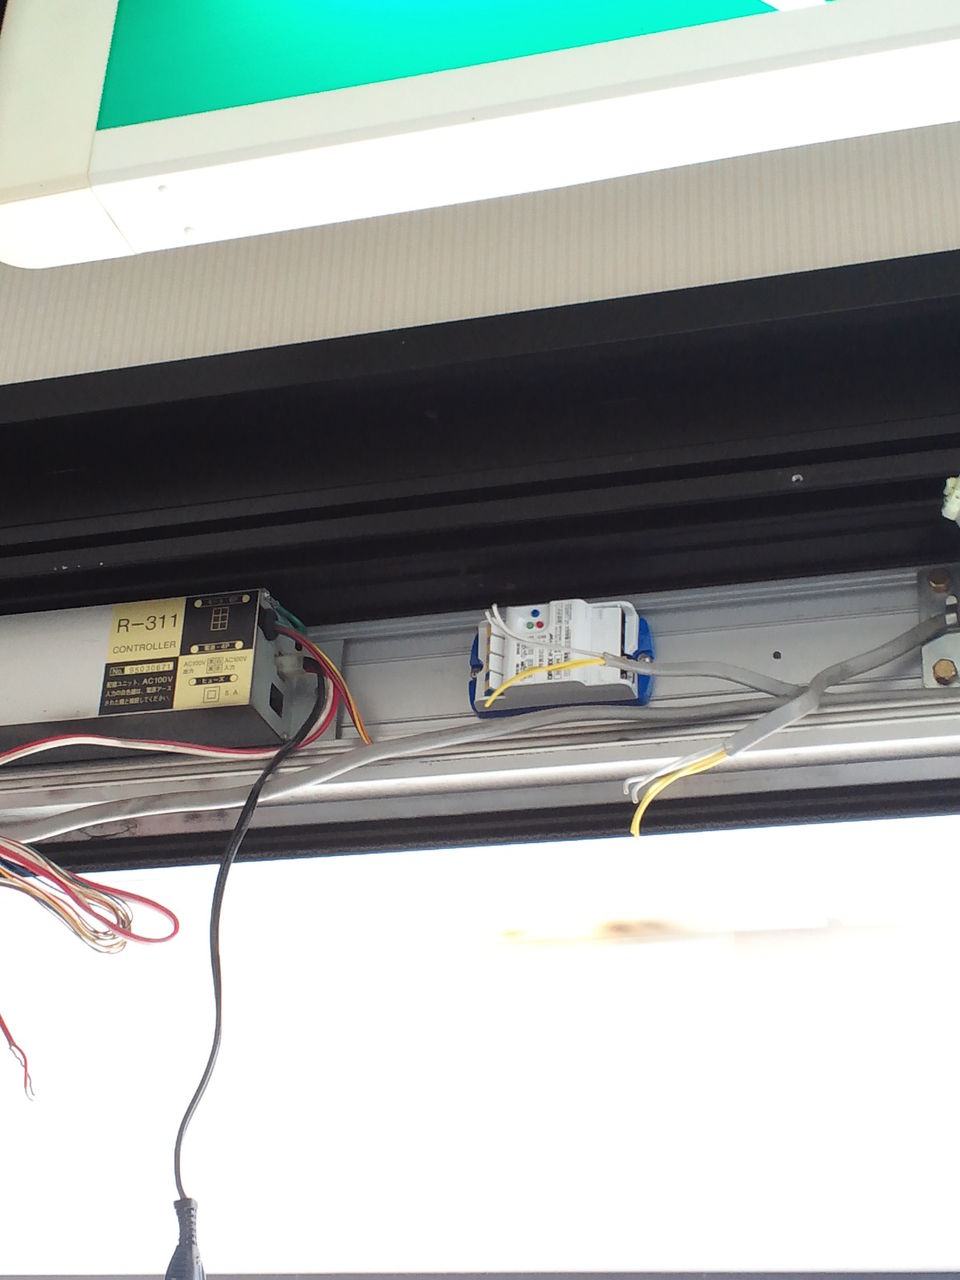 〜坂本自動ドア製作所〜 自動ドア部品      今日の現場は、YKK自動ドアの修理とナブコ自動ドアの修理です。    コメント                坂本 武典